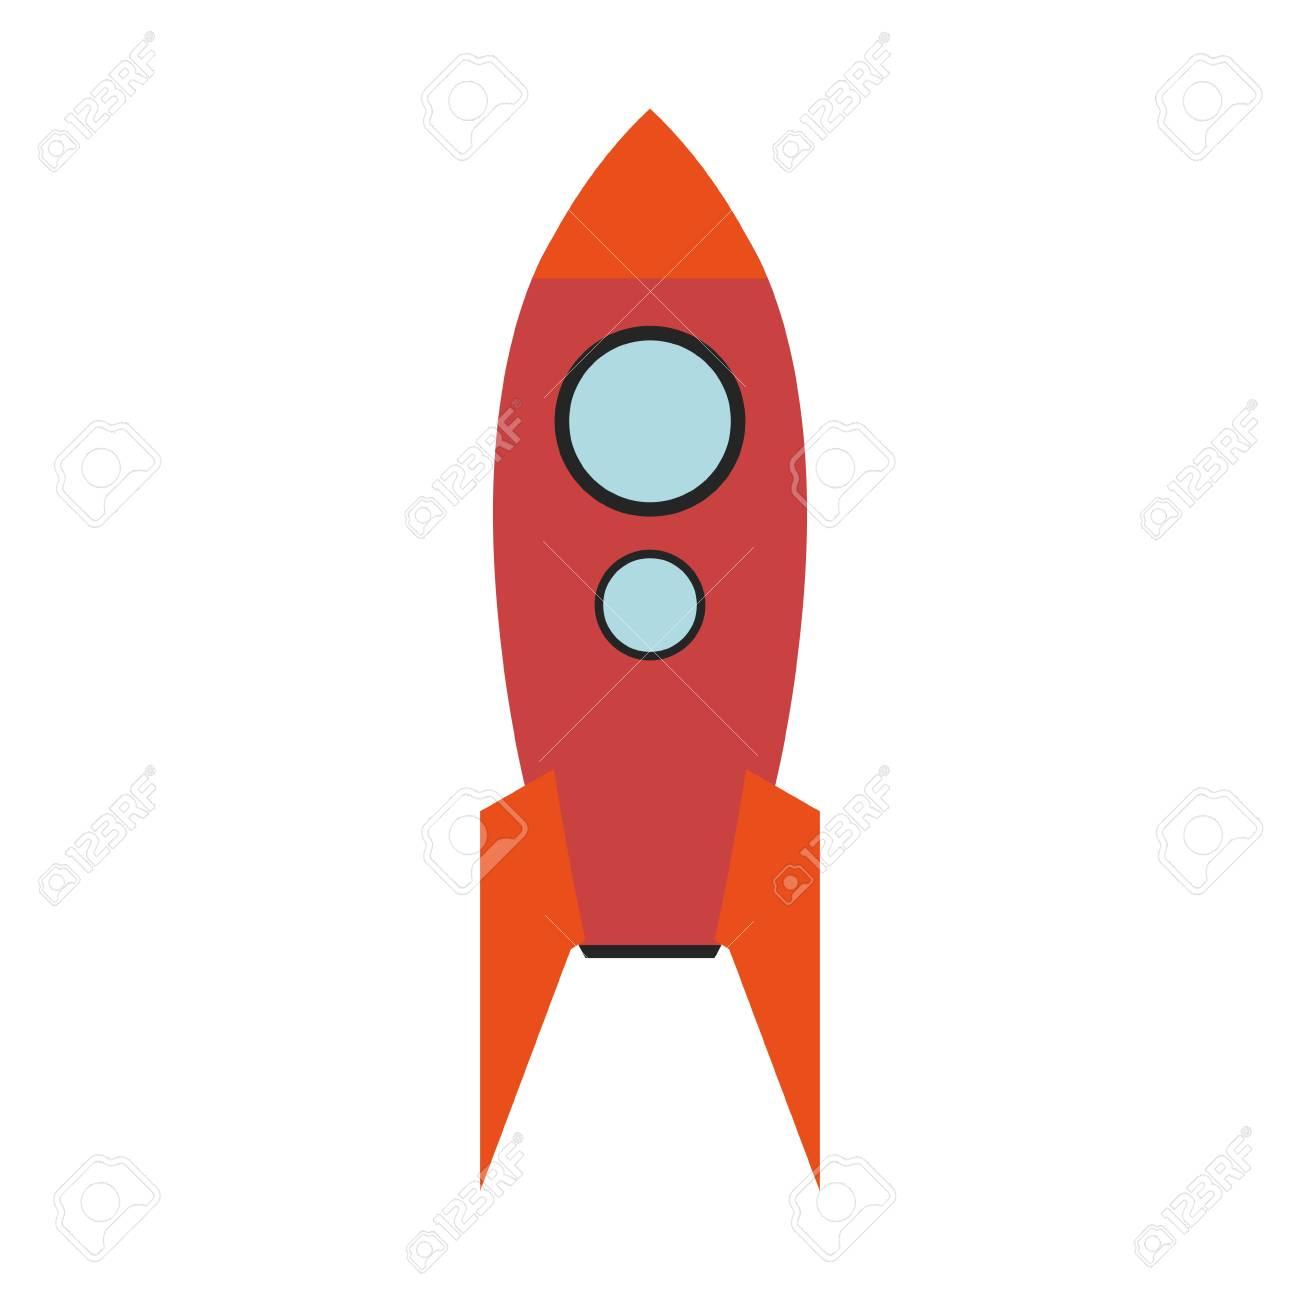 Vettoriale razzo di cartone animato o astronave icona